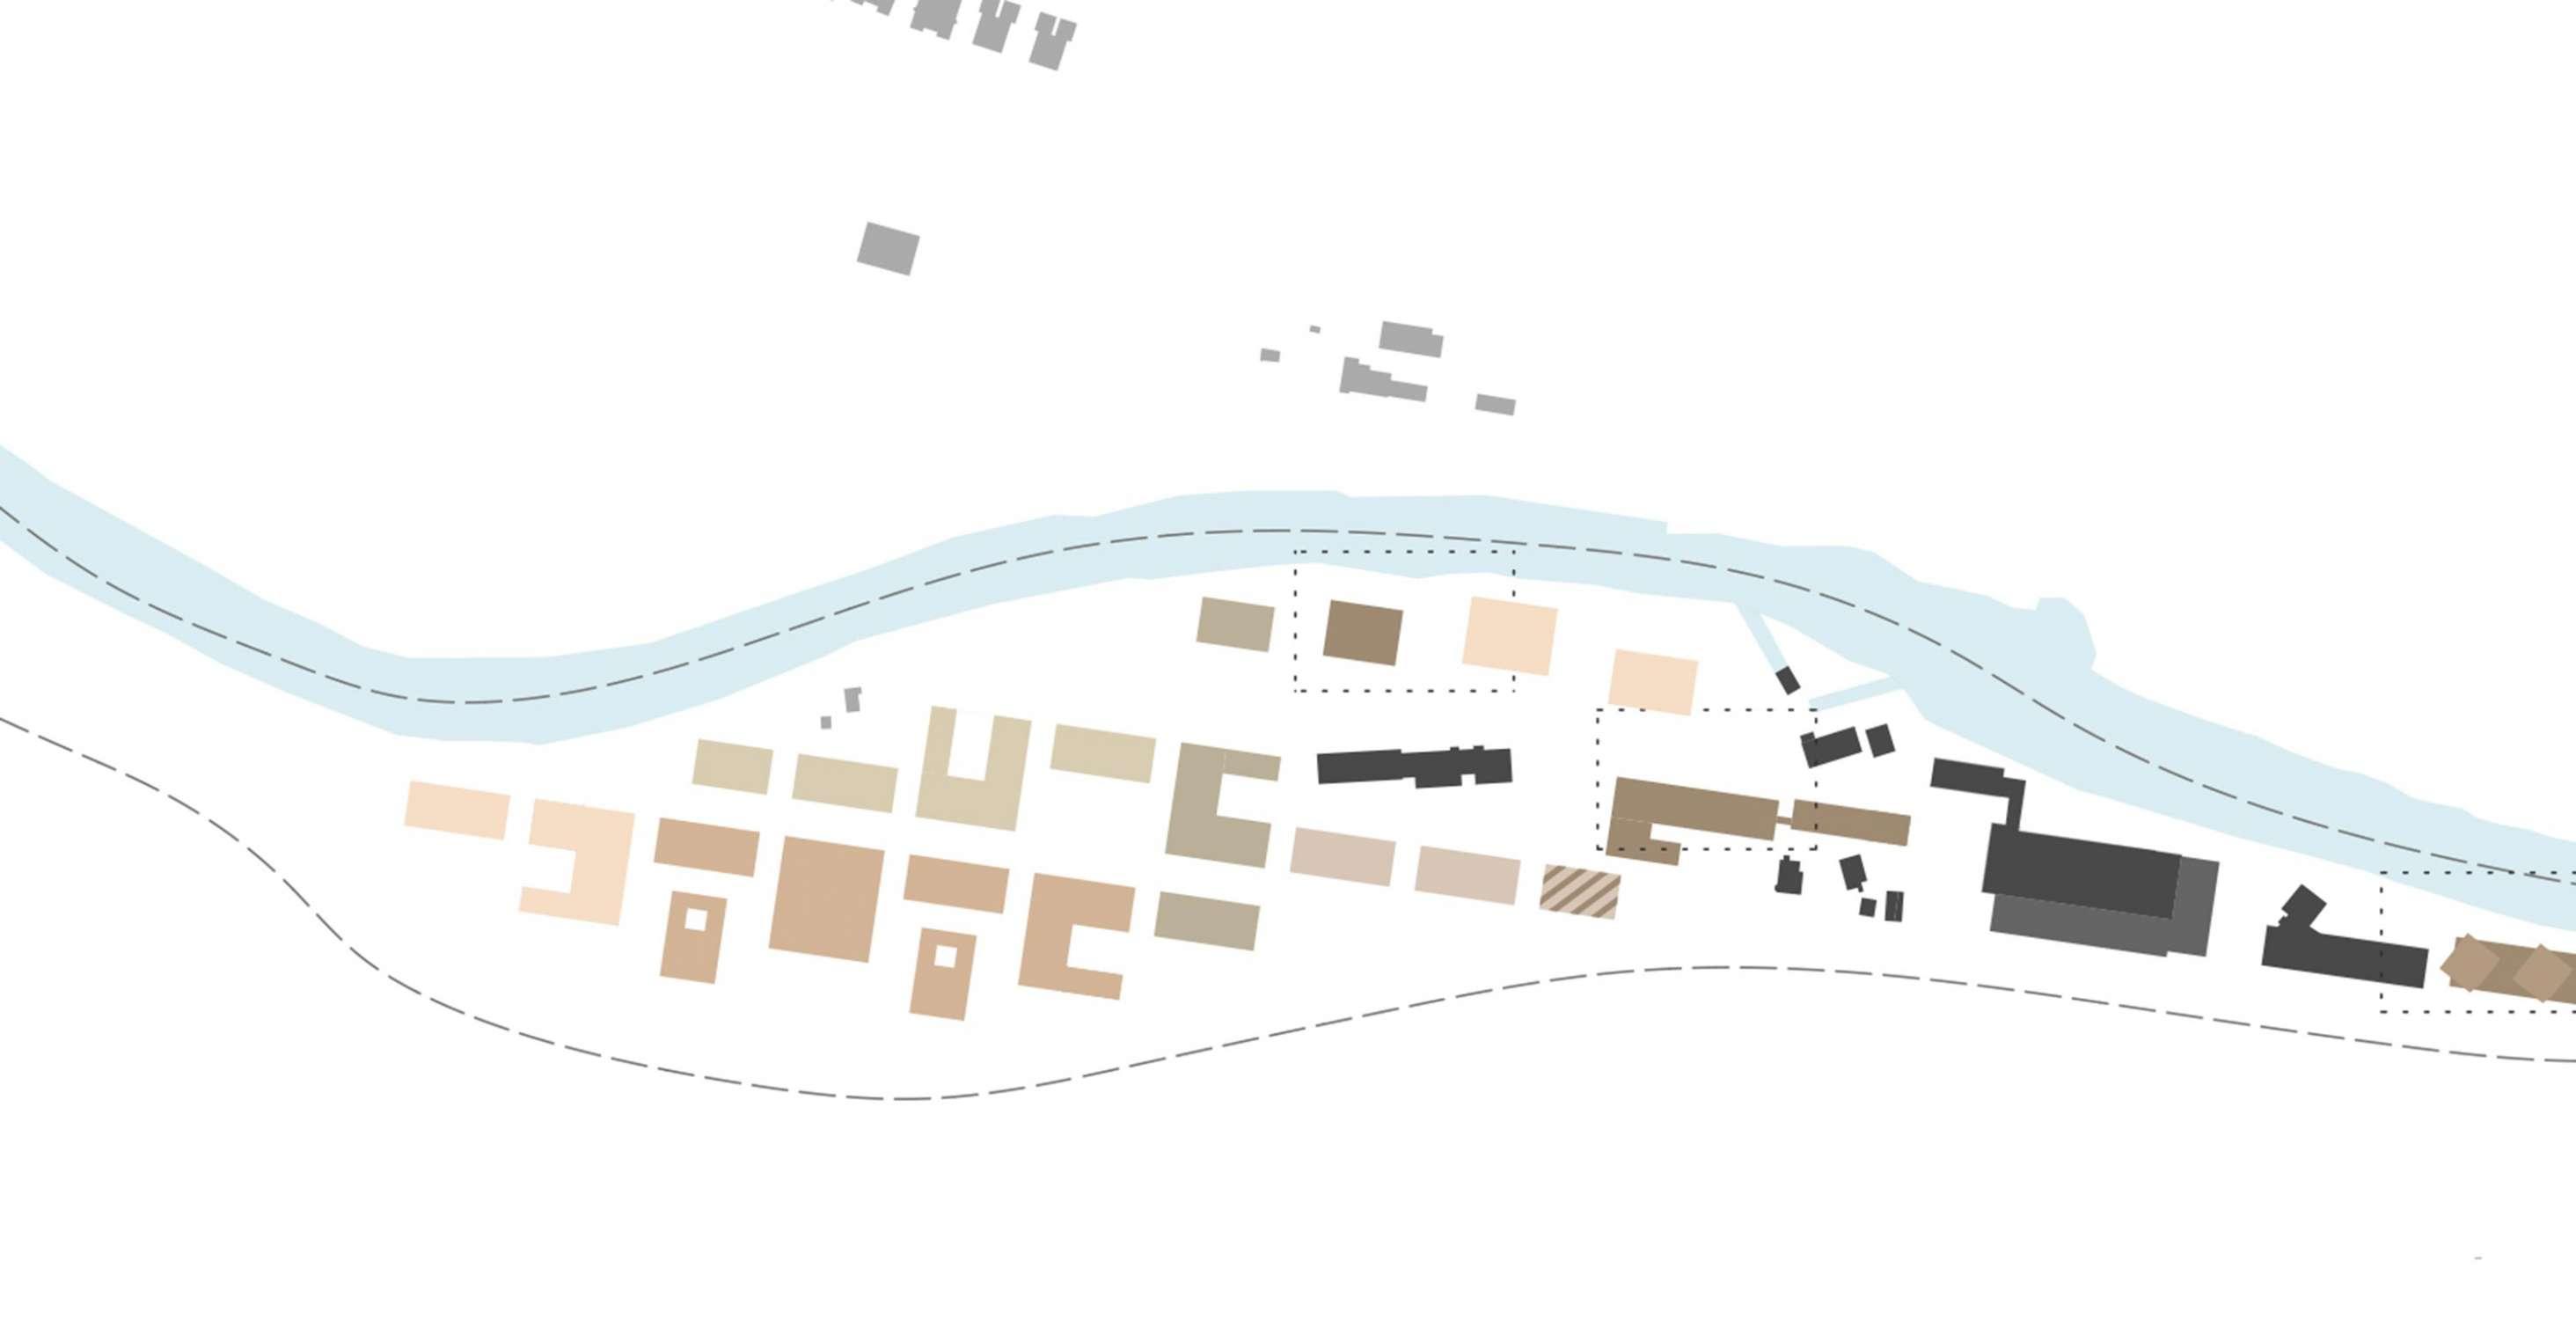 Städtebauliche Entwicklung Campus Reinhold-Würth-Hochschule (3)